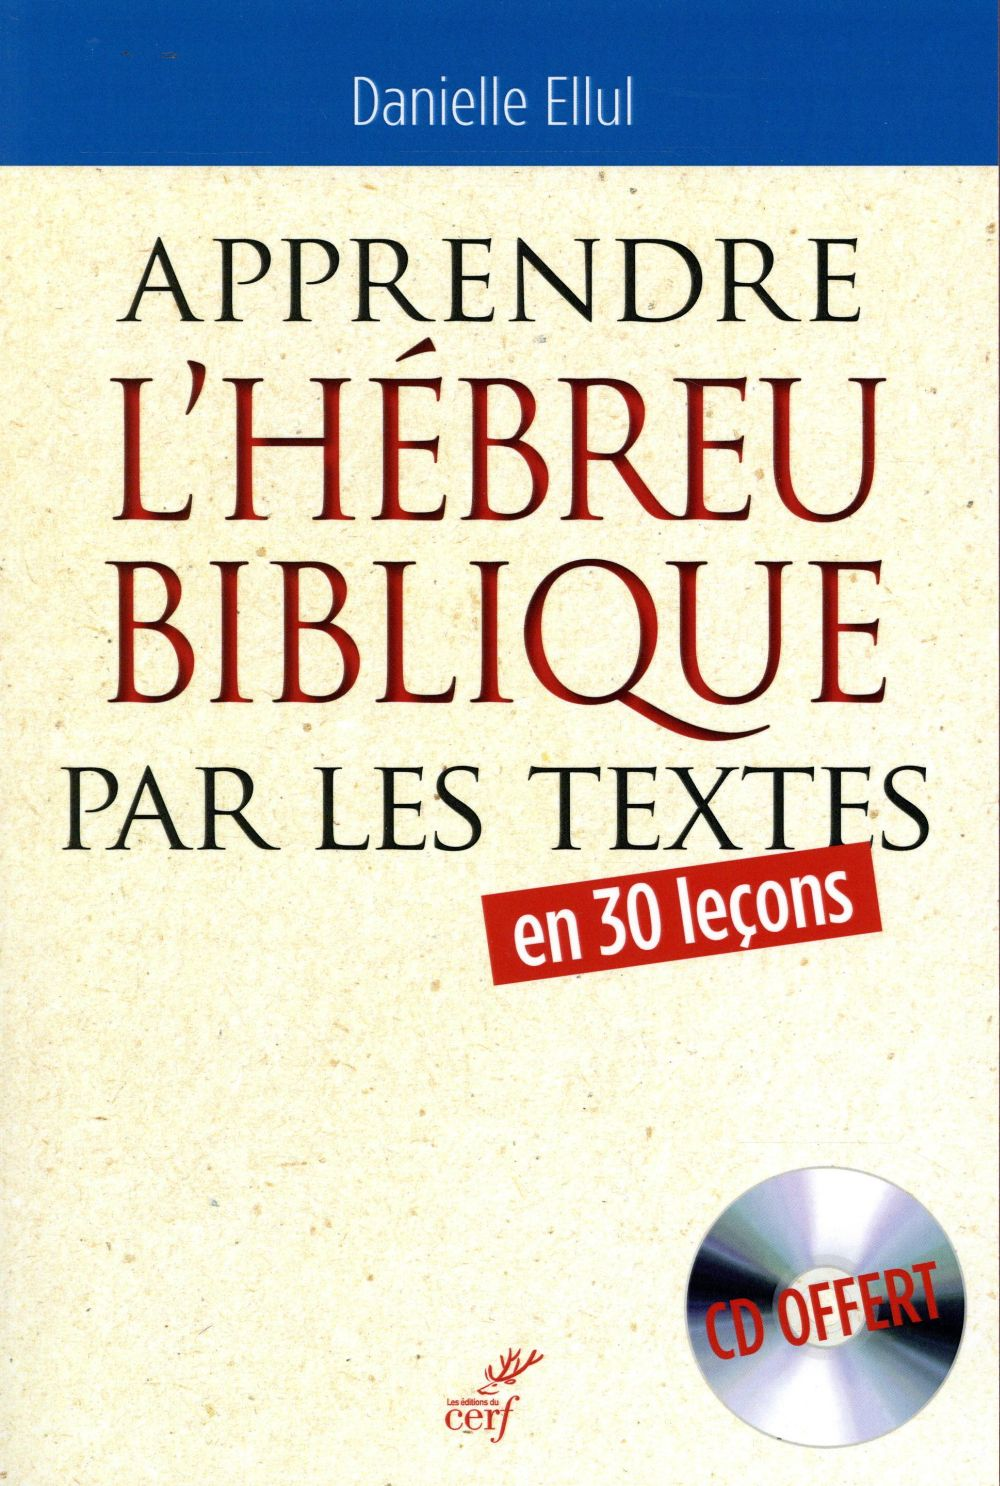 APPRENDRE L'HEBREU BIBLIQUE PAR LES TEXTES EN 30 LECONS